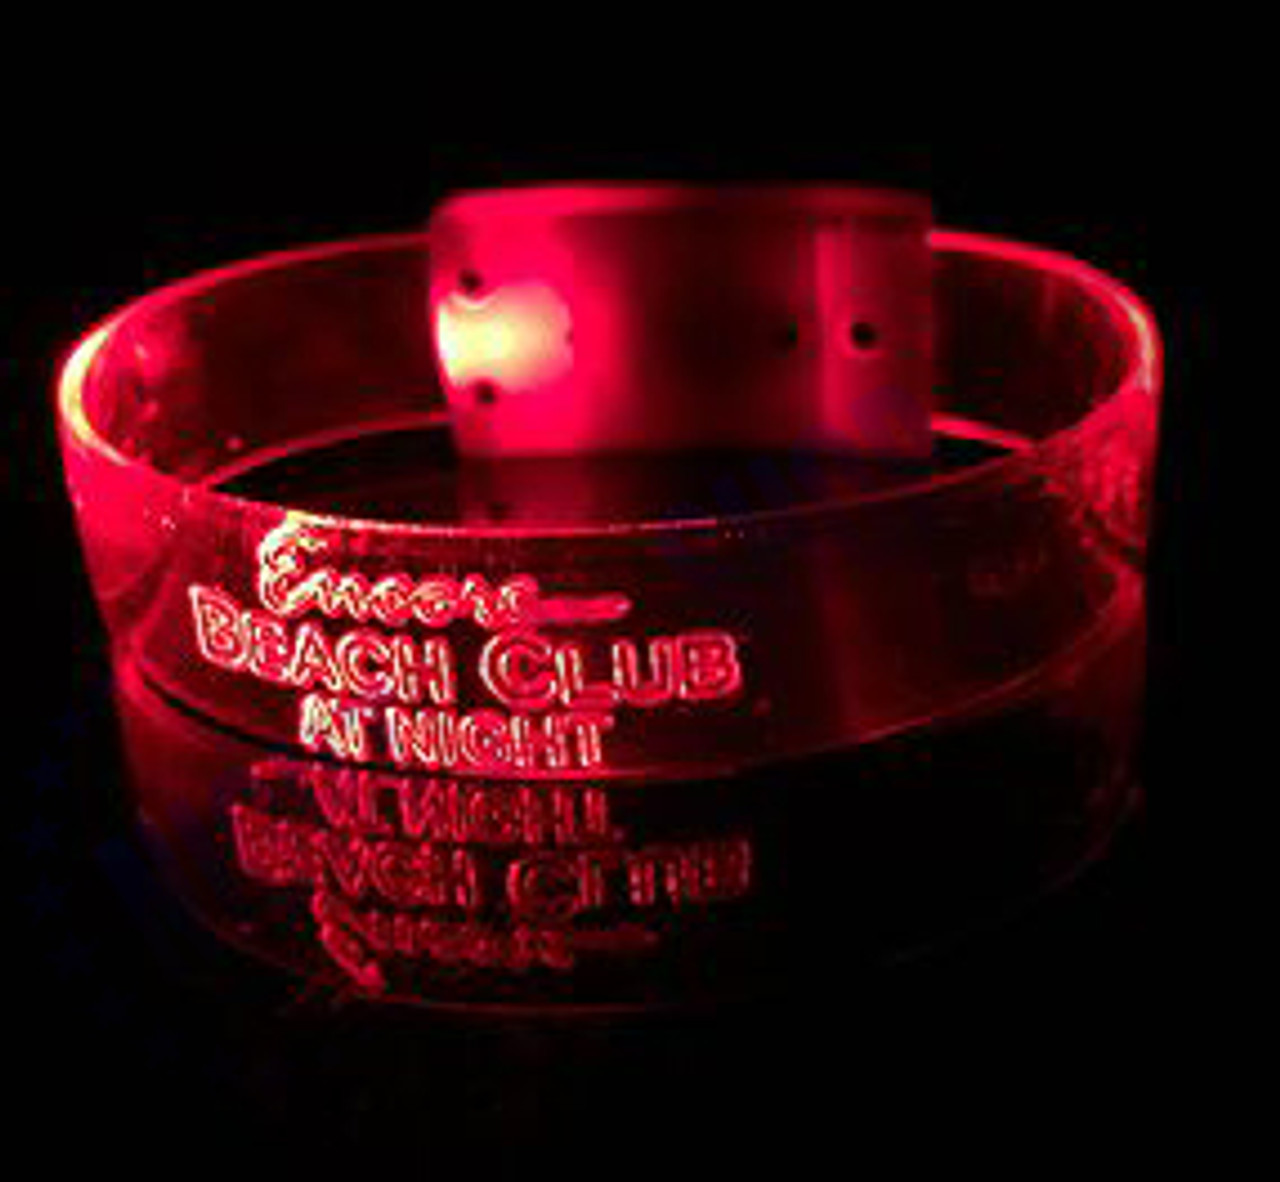 LED, wristband, wholesale, pricing, bulk, LED Bands, Band, personalized, custom, brandingLED, bride, groom, Light up, Light, Iluminated, Glow, Wristband, wrist Band, Bracelet, Band, Personalized, Custom